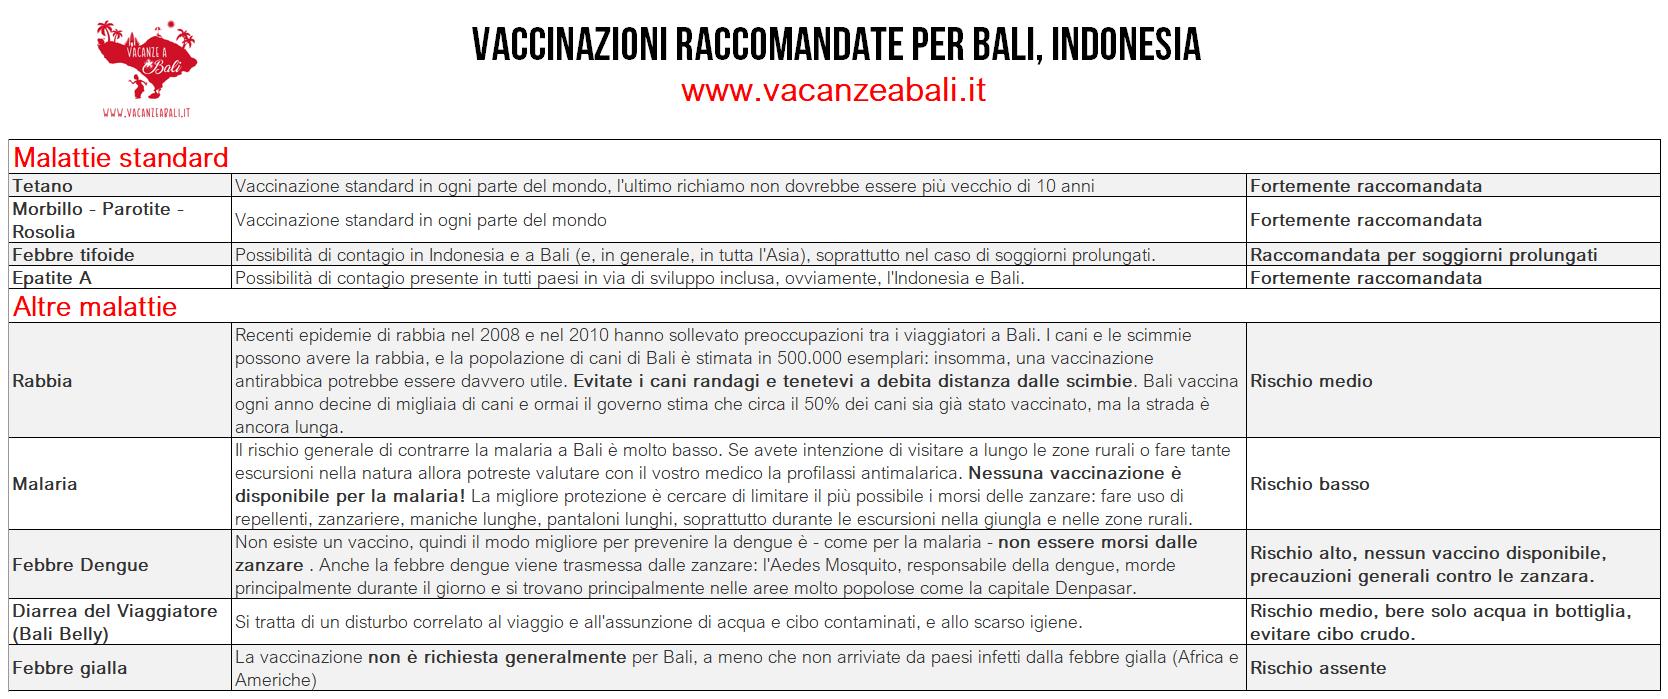 vaccinazioni raccomandate 2018 bali indonesia